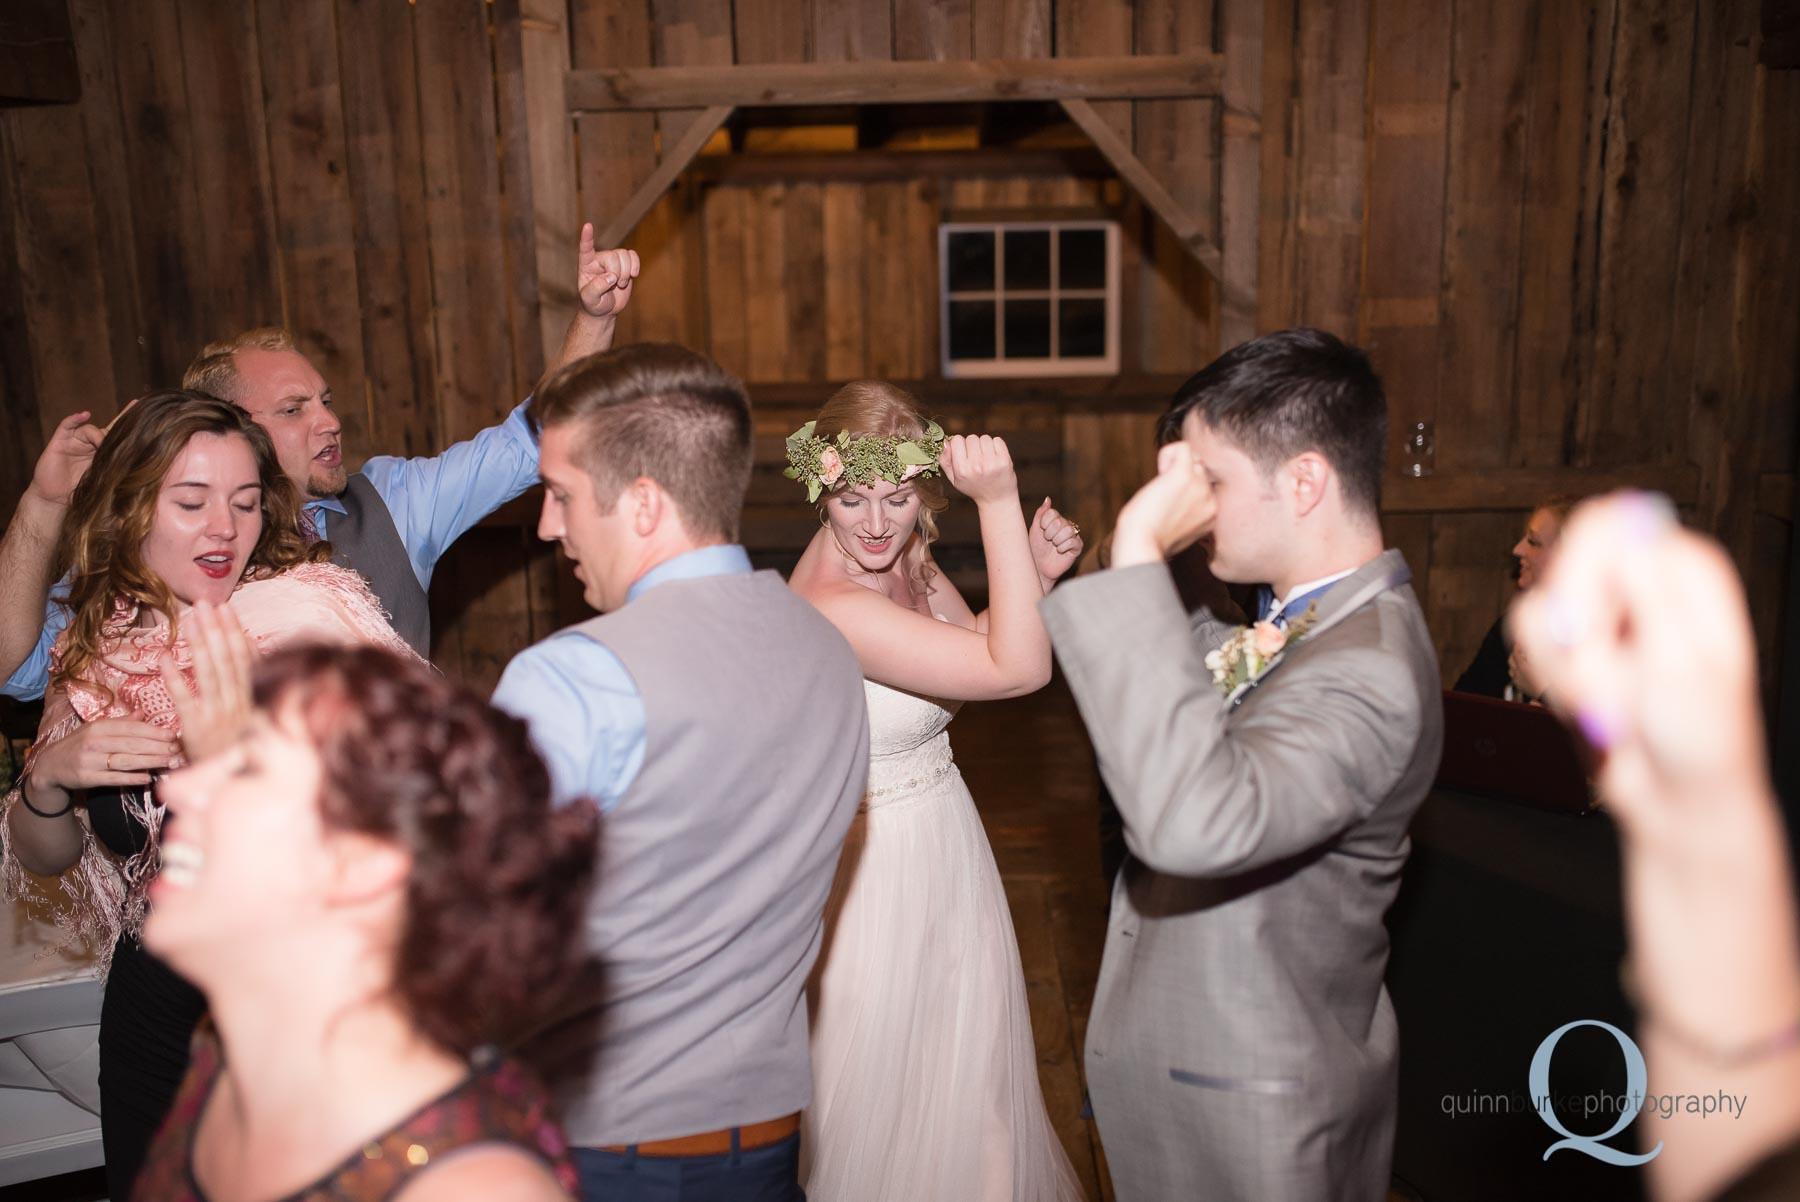 reception dancing at Perryhill Farm wedding